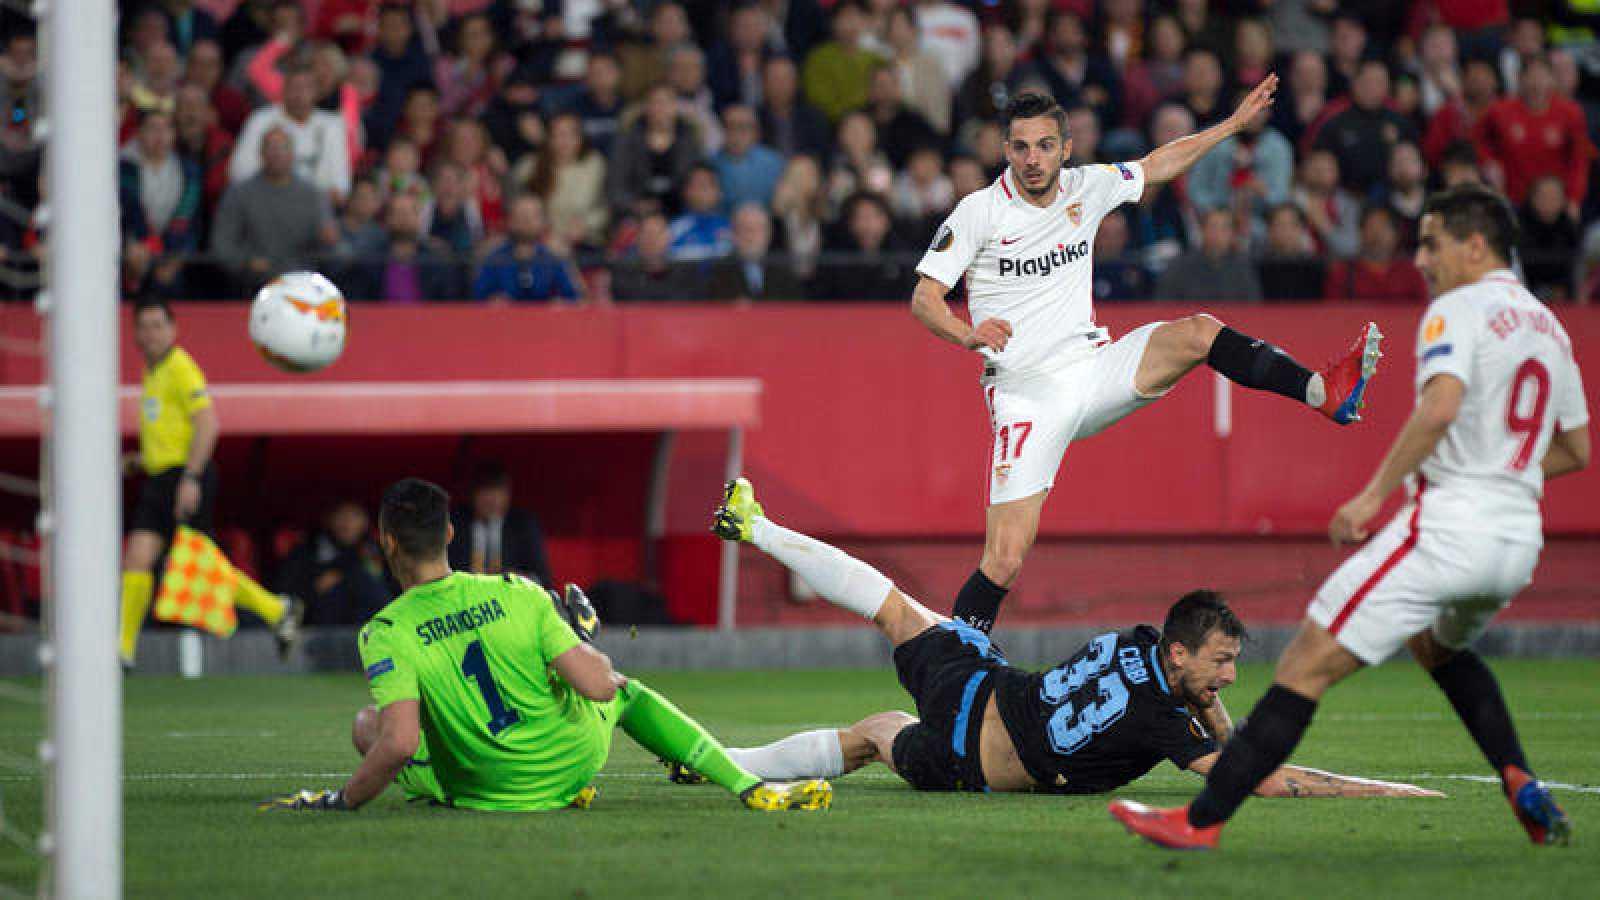 Pablo Sarabia anota el segundo gol de su equipo